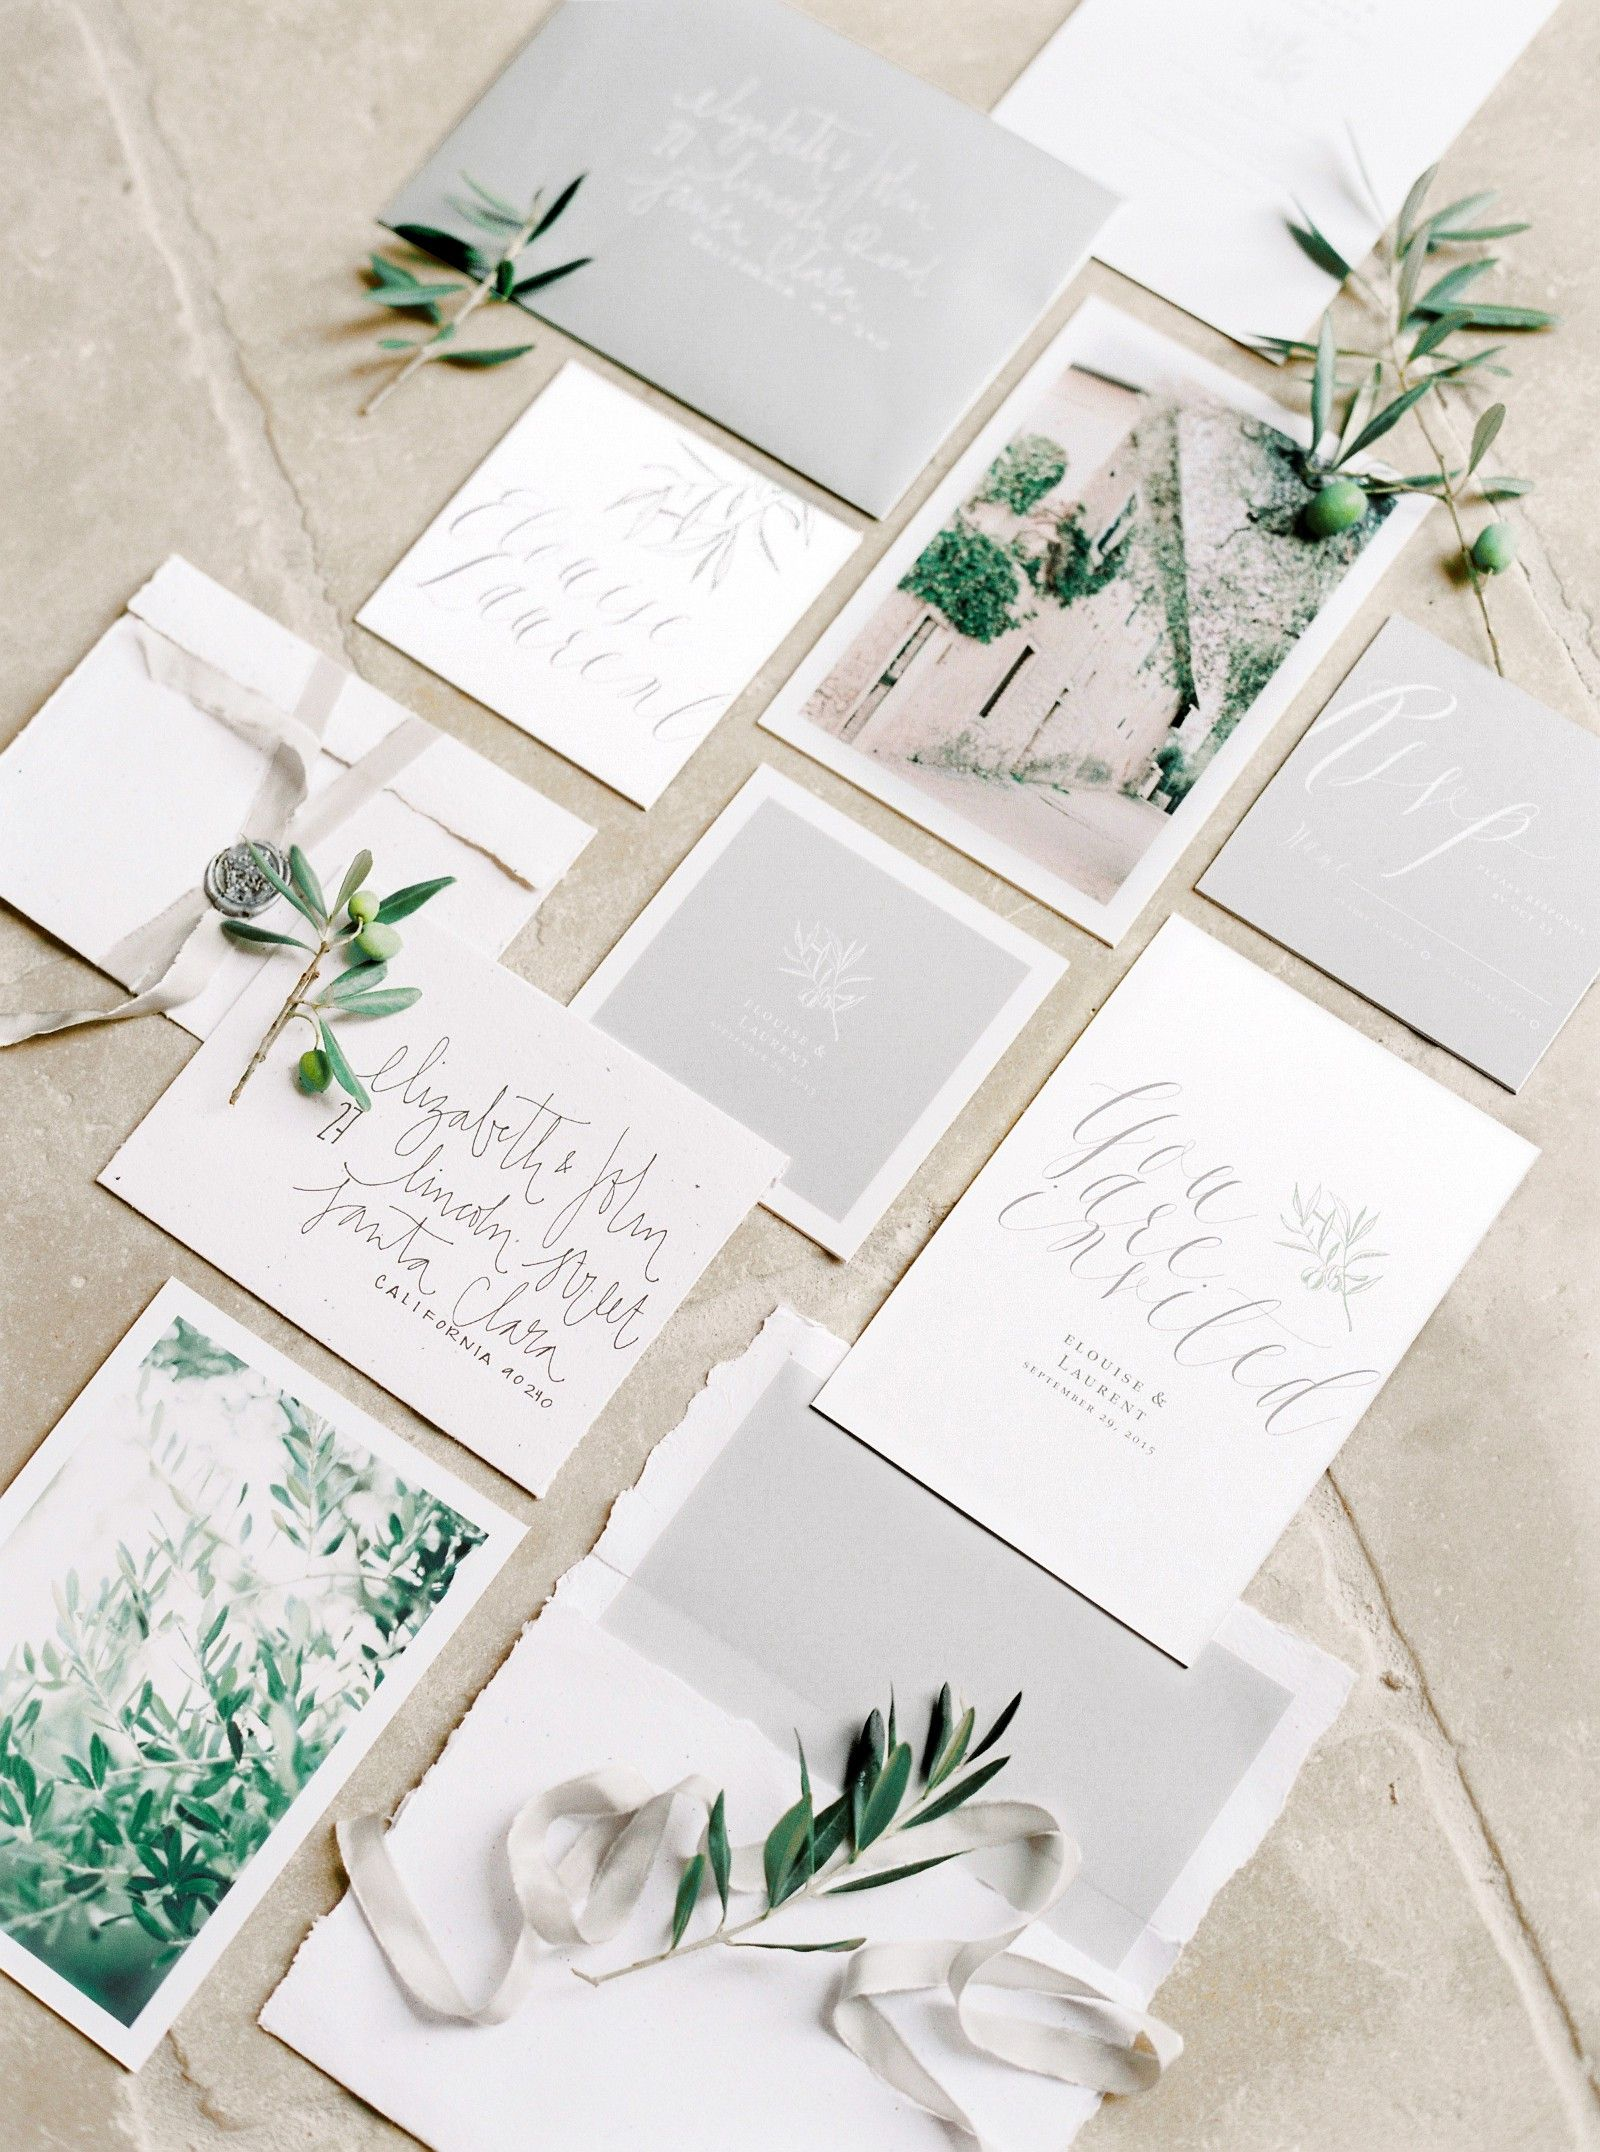 Desain Kartu Ucapan Pernikahan : desain, kartu, ucapan, pernikahan, Inspirasi, Kartu, Ucapan, Undangan, Pernikahan,, Desain, Perkawinan,, Pernikahan